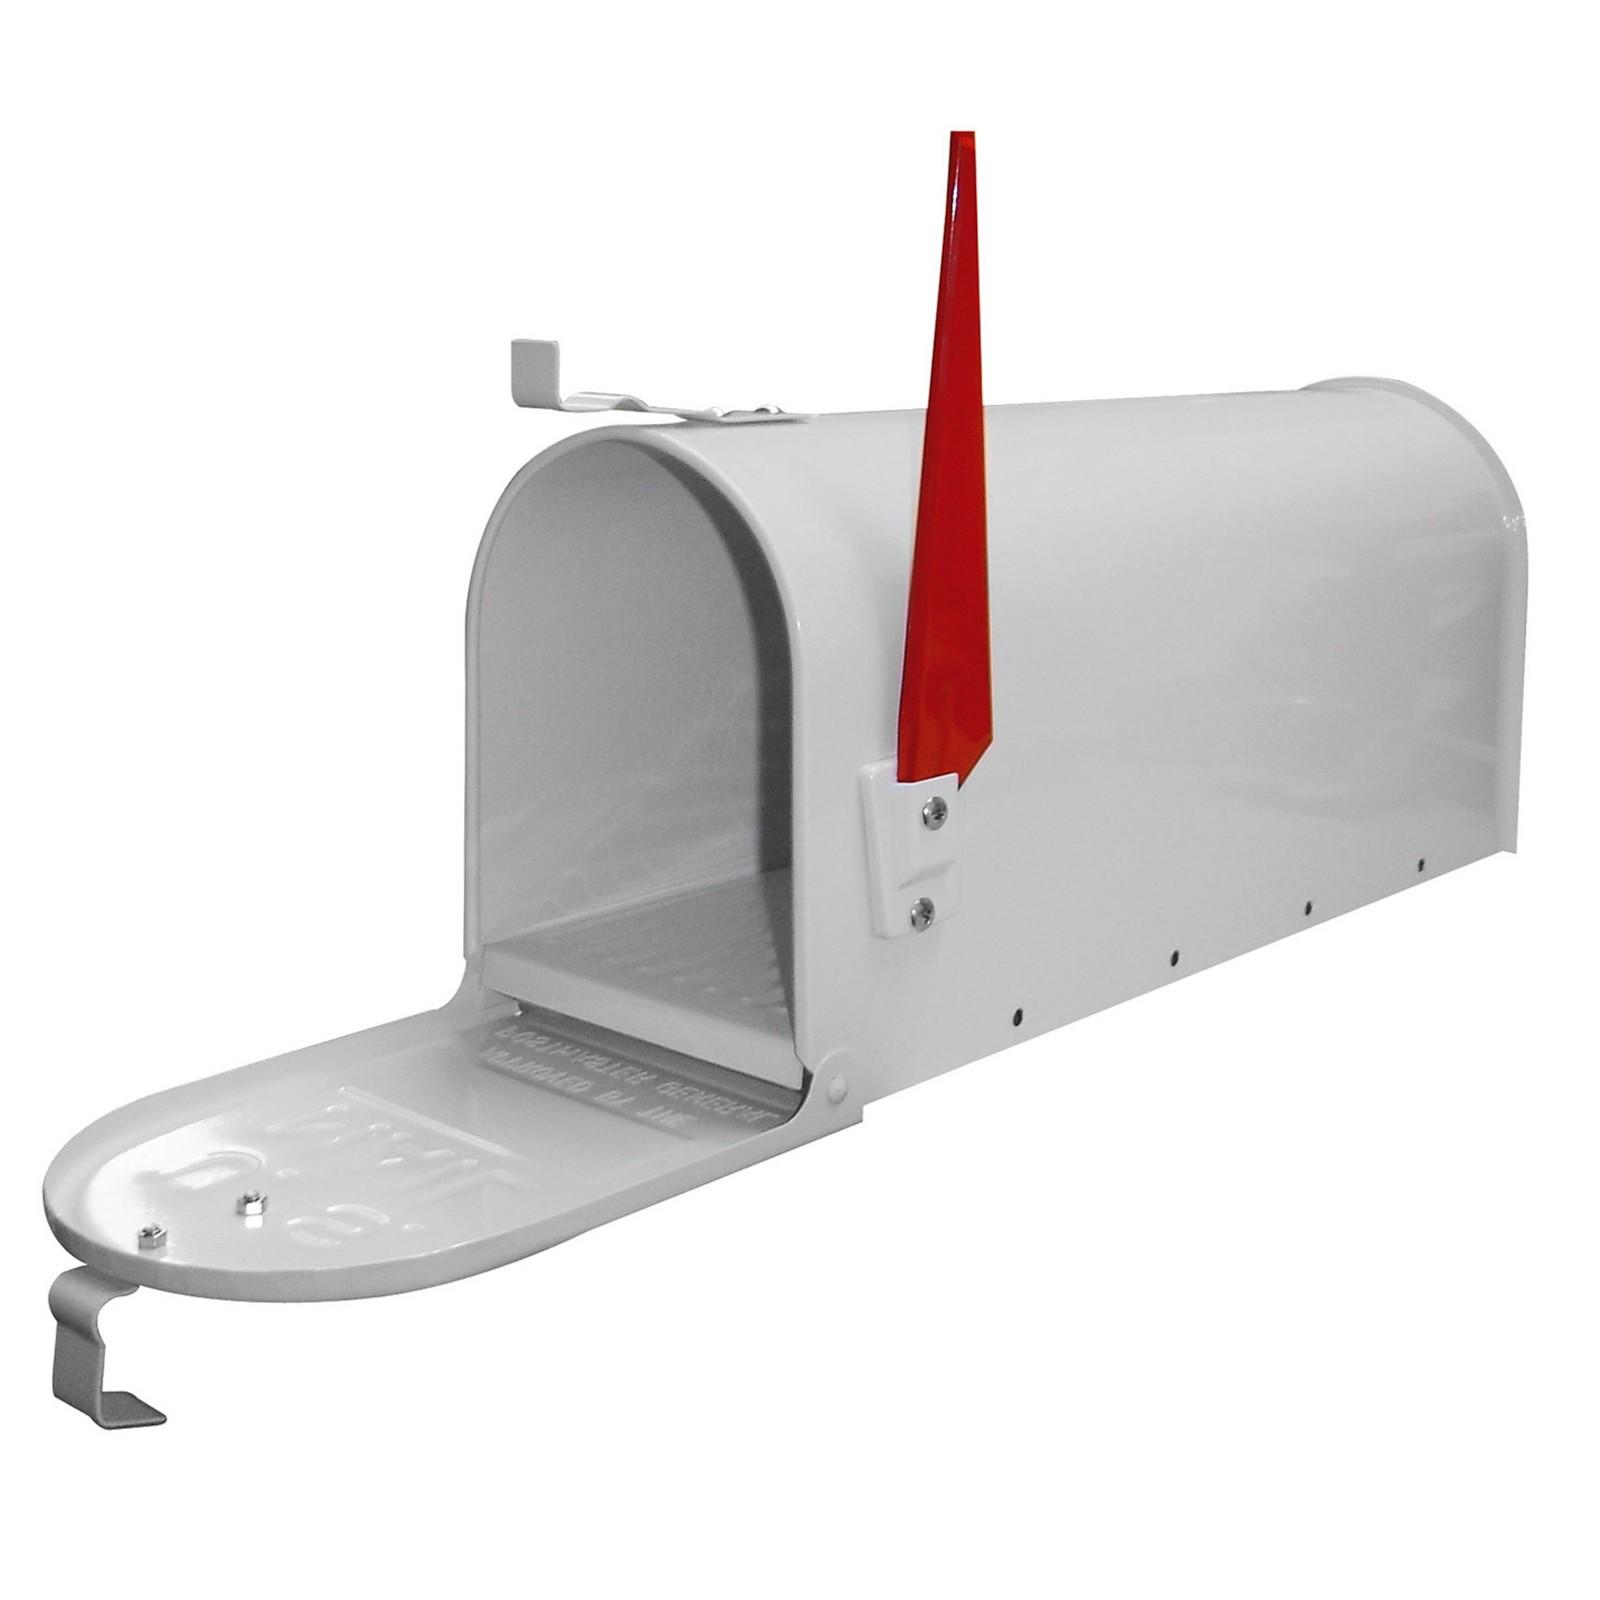 Dema Amerikanischer Briefkasten / Standbriefkasten - Modell nach Wahl 40747